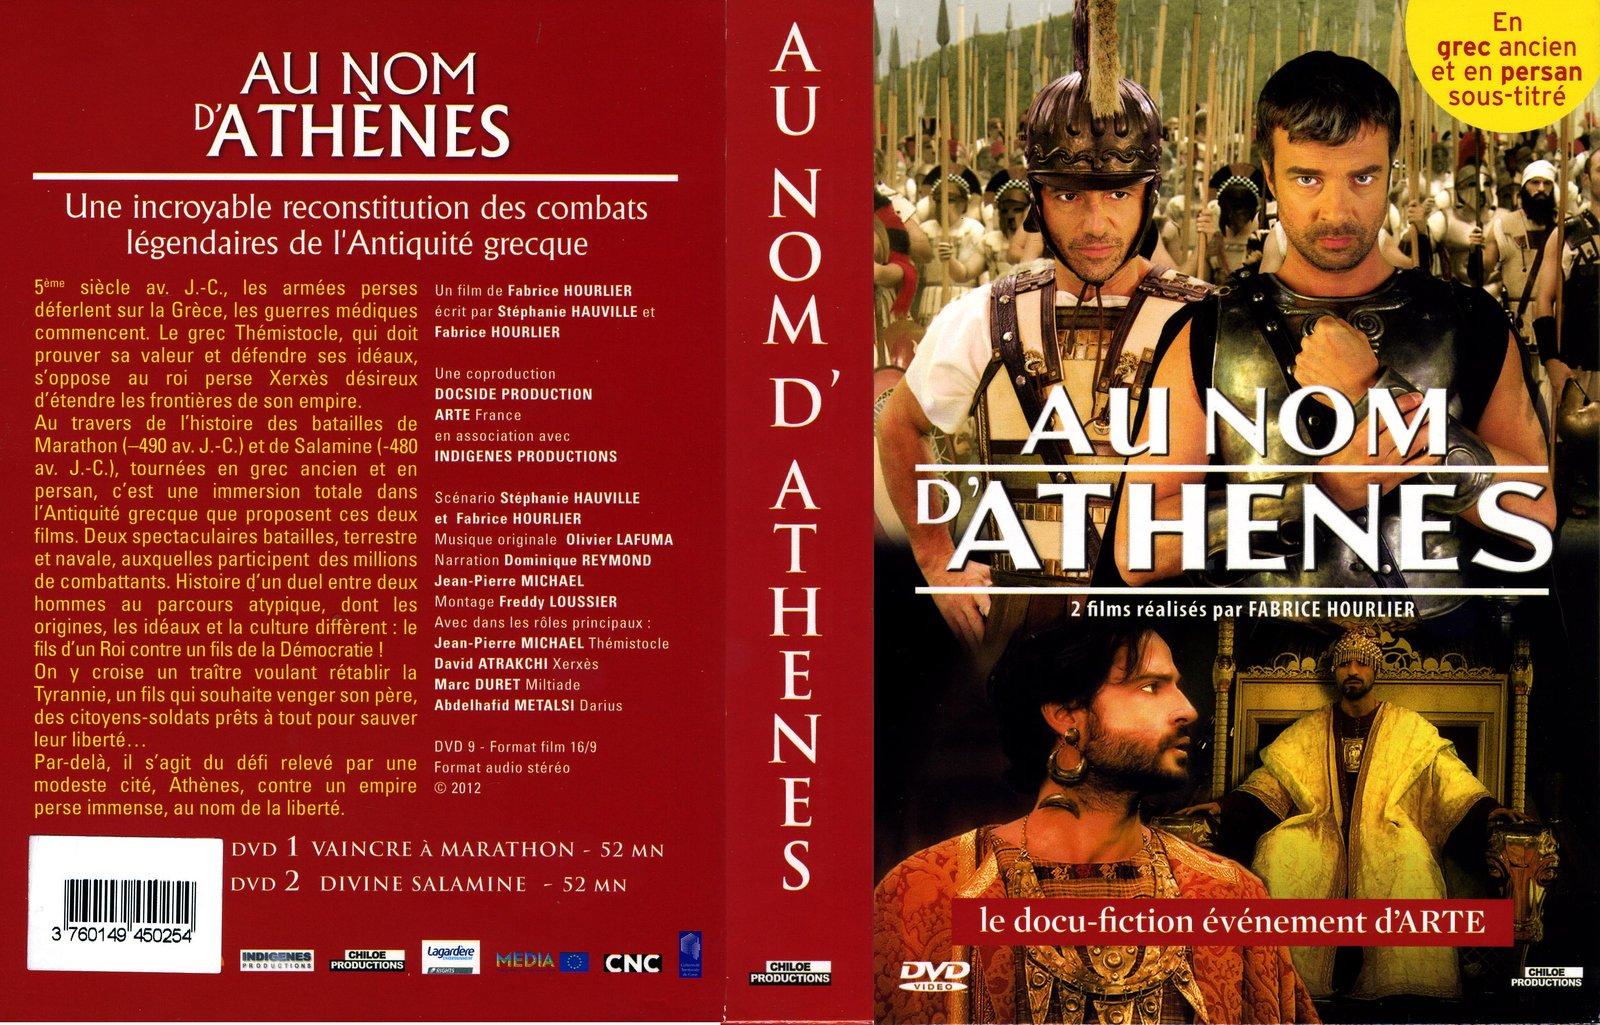 au-nom-d-athenes-2-dvd